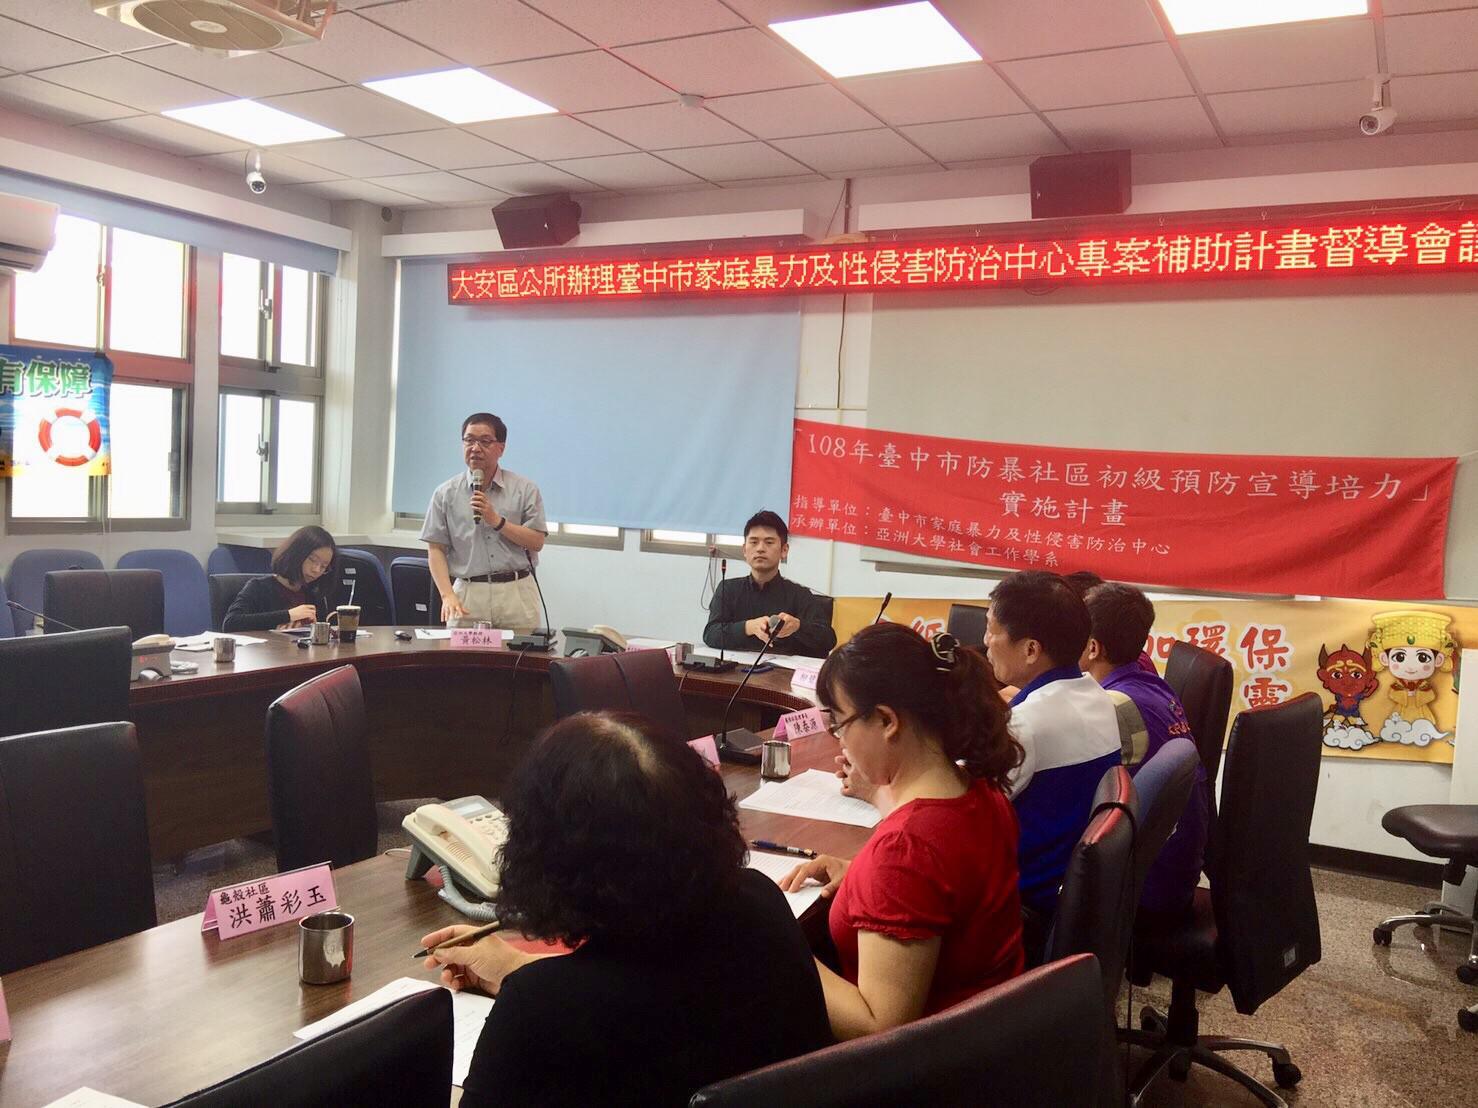 輔導團(亞洲大學)訪視輔導及行政聯繫會議